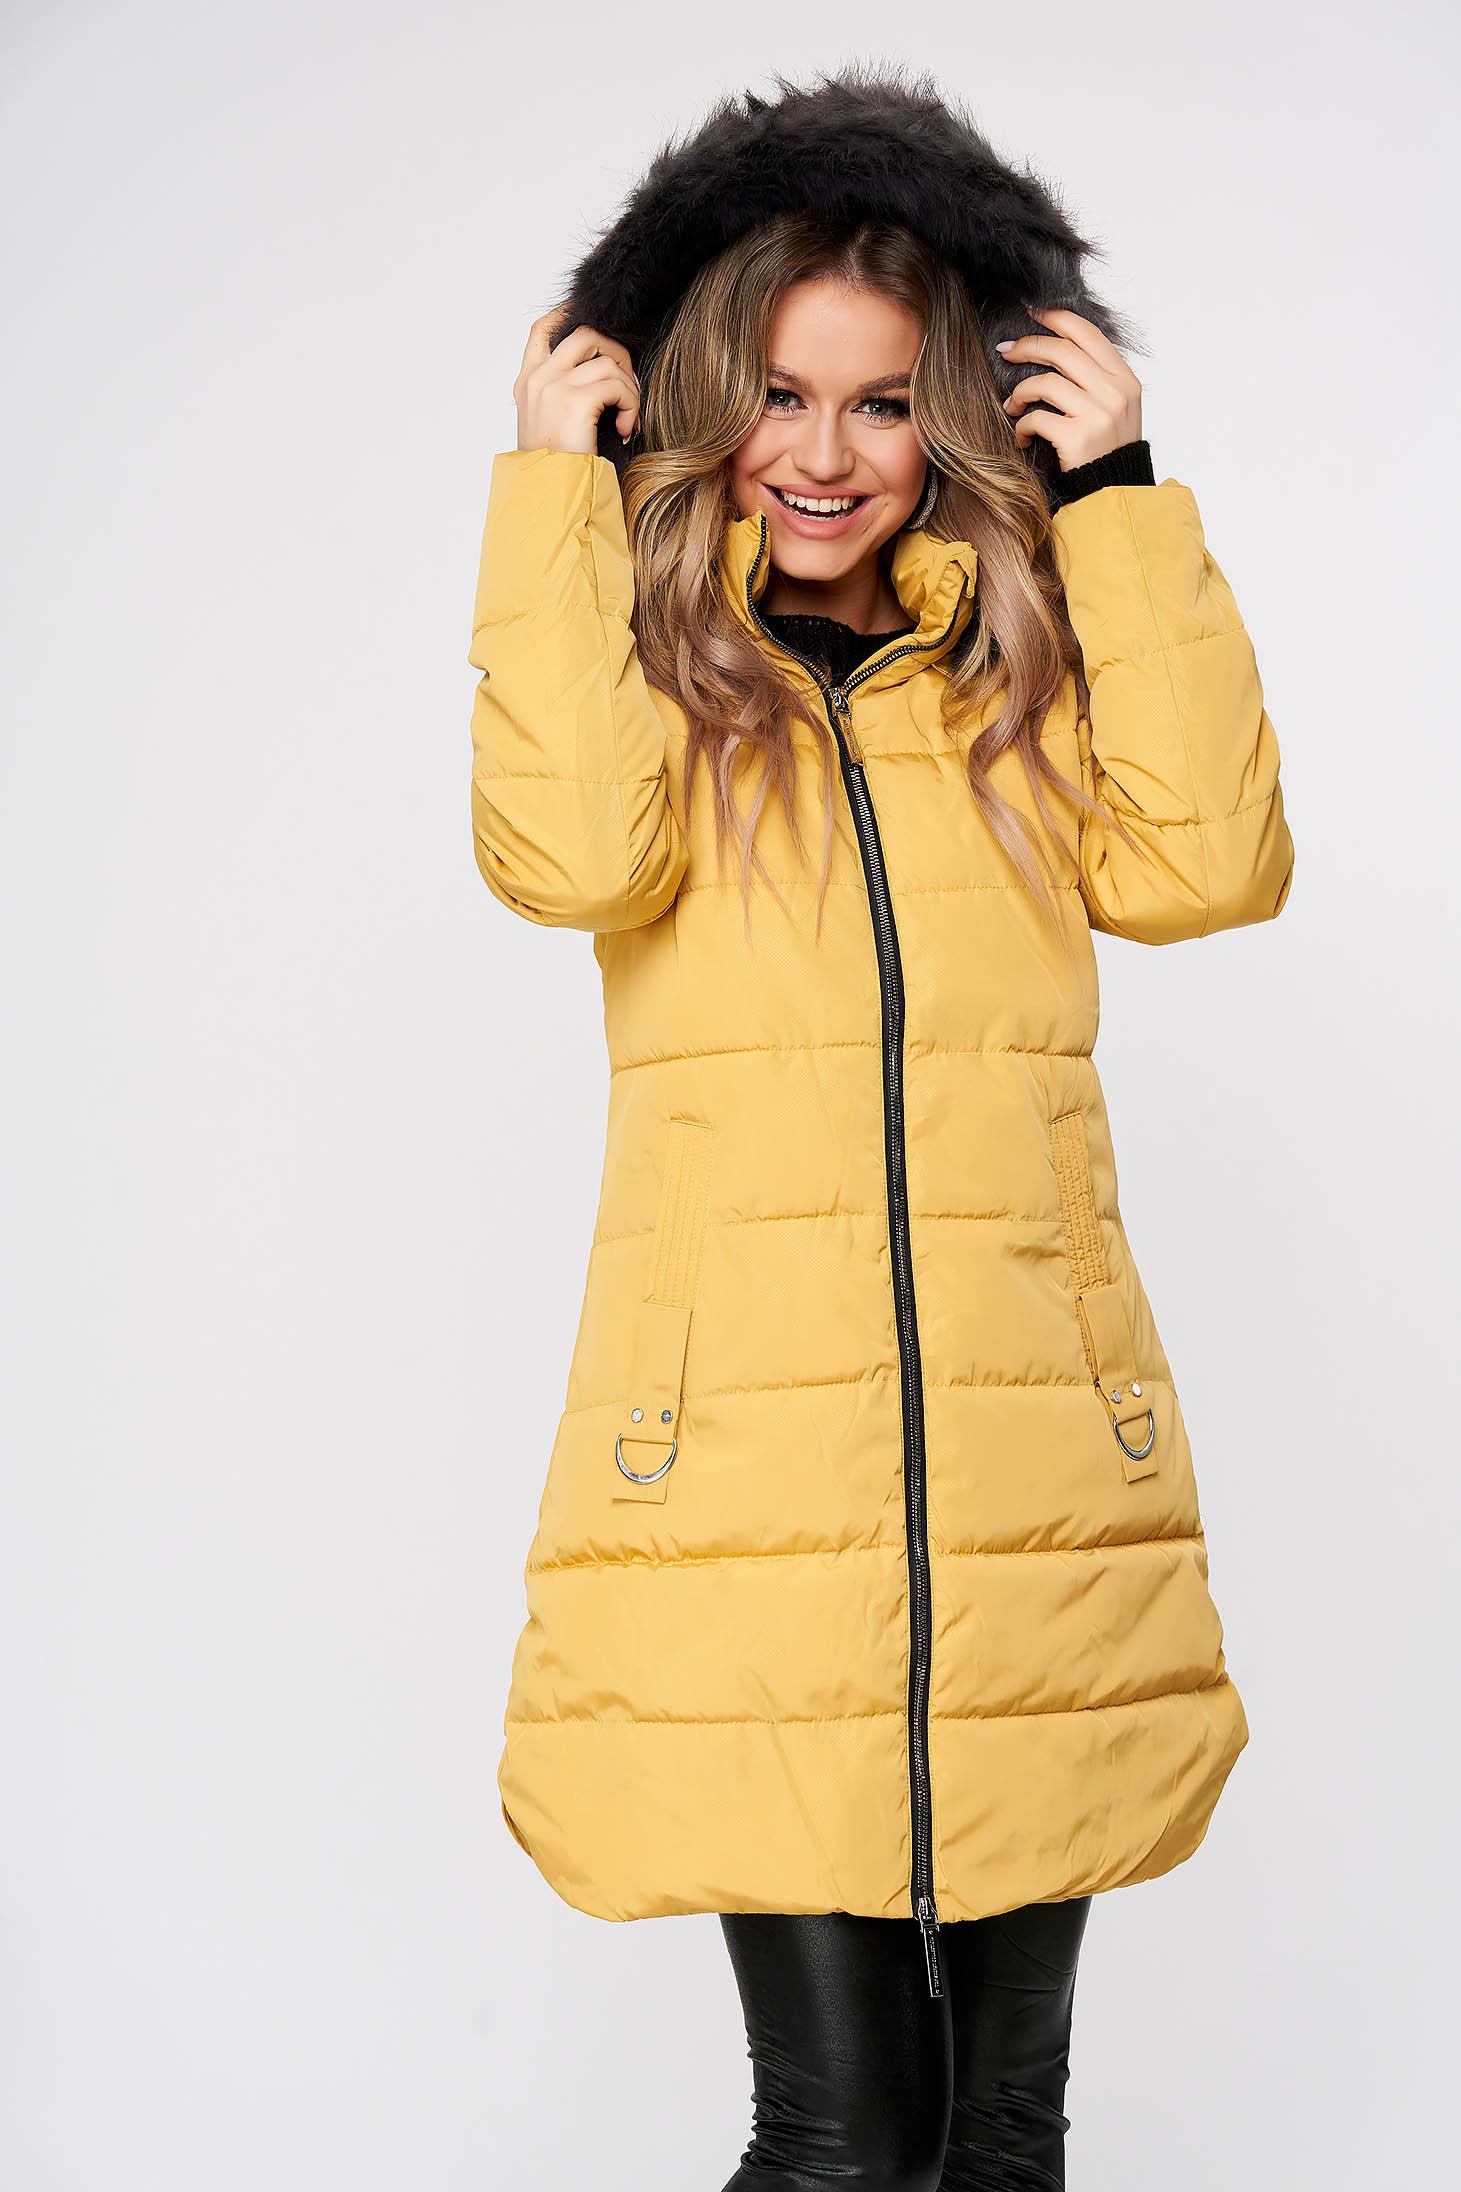 Yellow jacket casual midi from slicker the jacket has hood and pockets